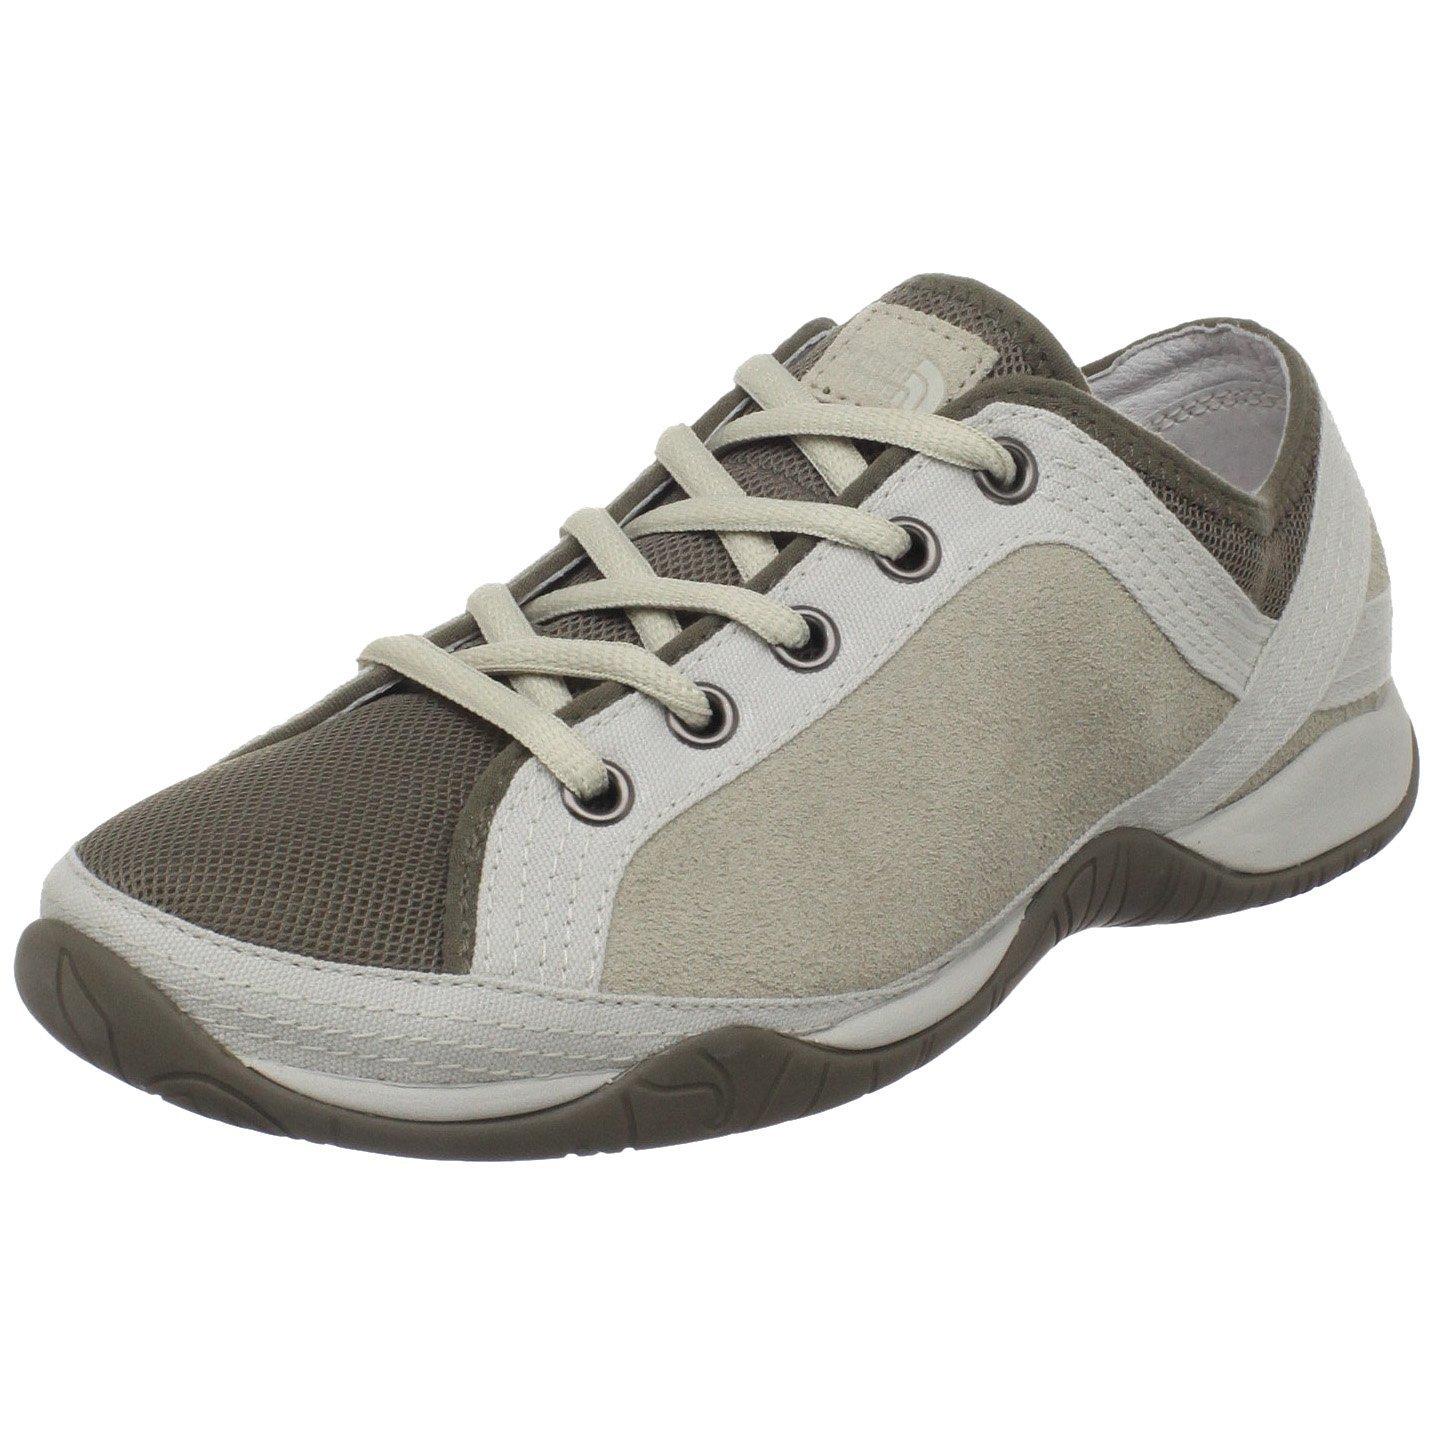 the womens braelyn walking shoe in gray